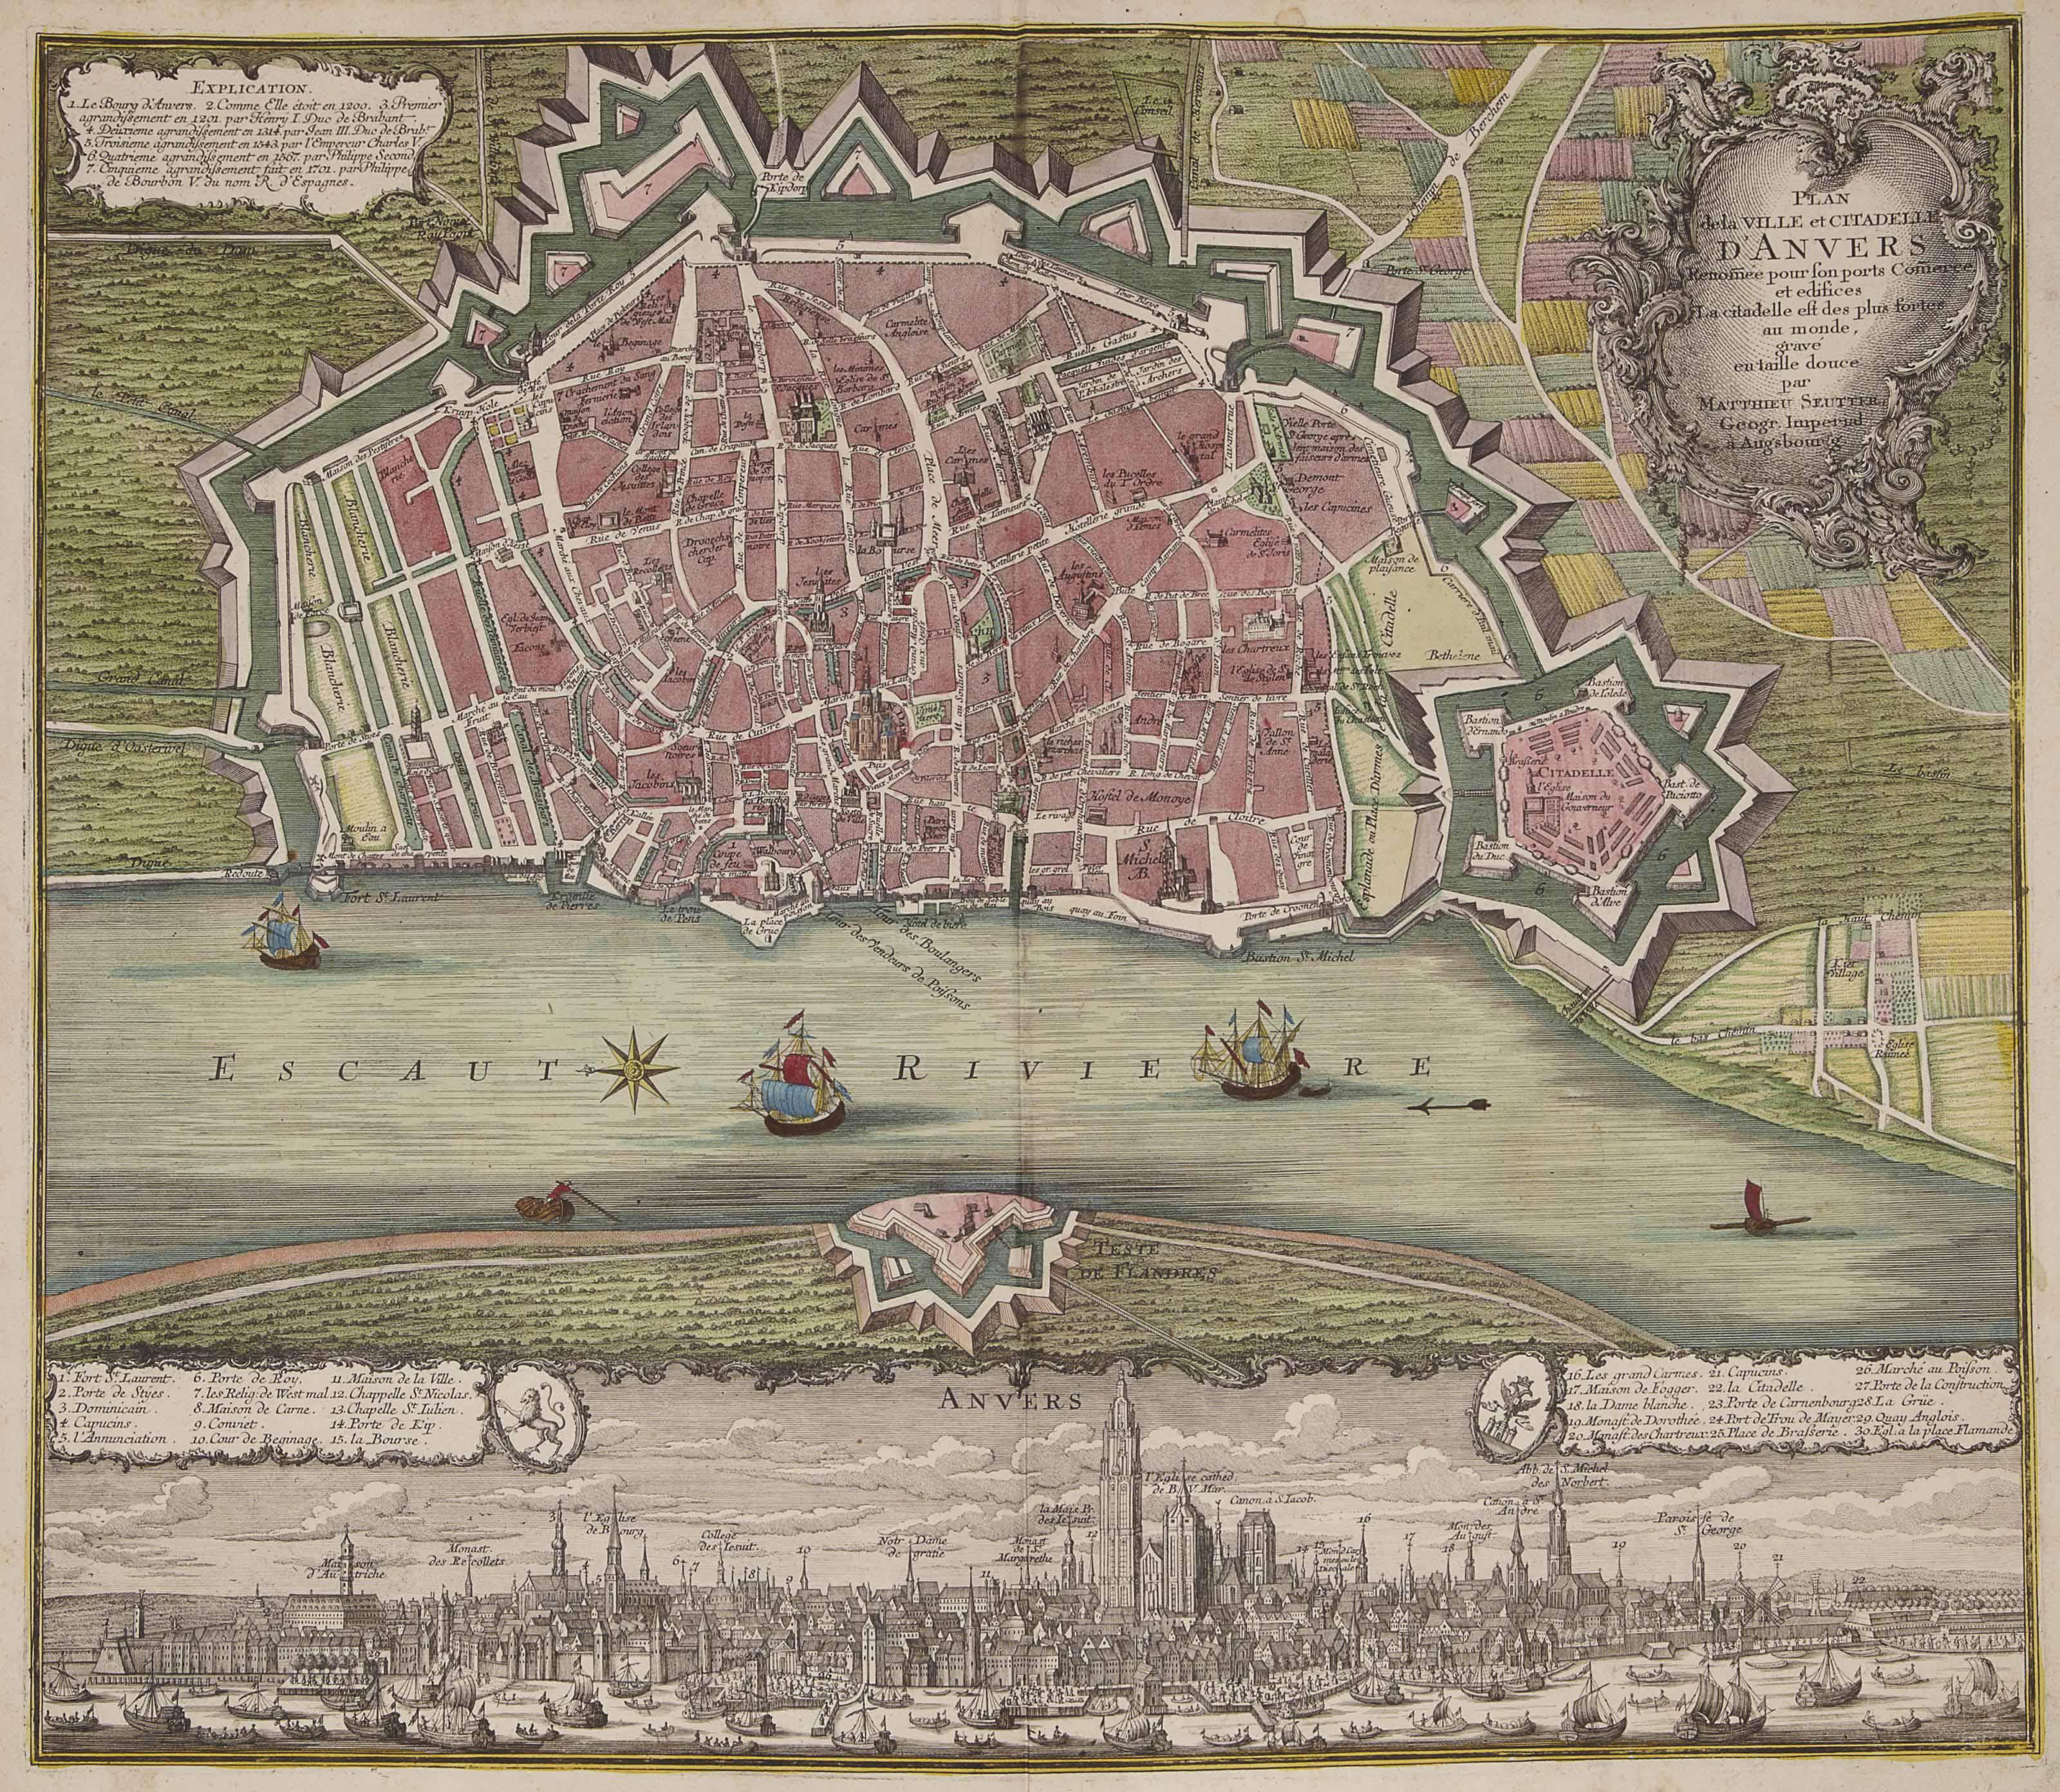 [ATLAS] -- Recueil de Cartes géographiques et Plans. Collection de 64 cartes, pour la plupart des ateliers de Seutter et Homann. Augsbourg vers 1730-1756. Grand in-folio (530 x 330 mm). Demi-veau de l'époque.